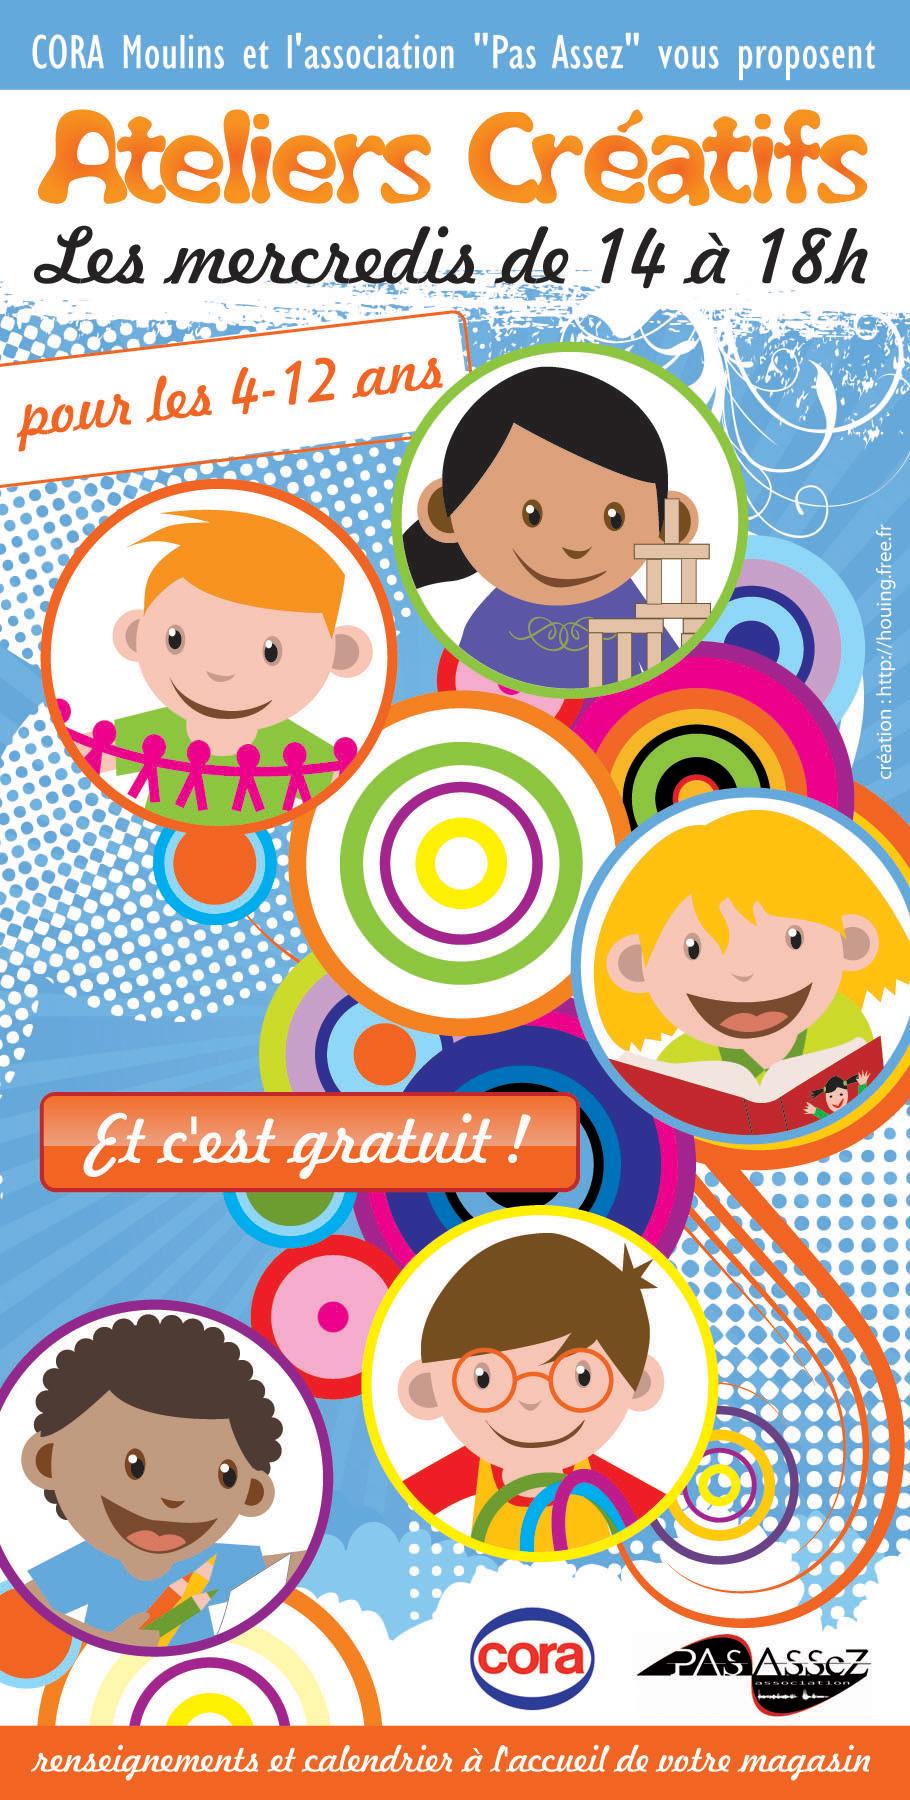 Affiche Ateliers Créatifs COra